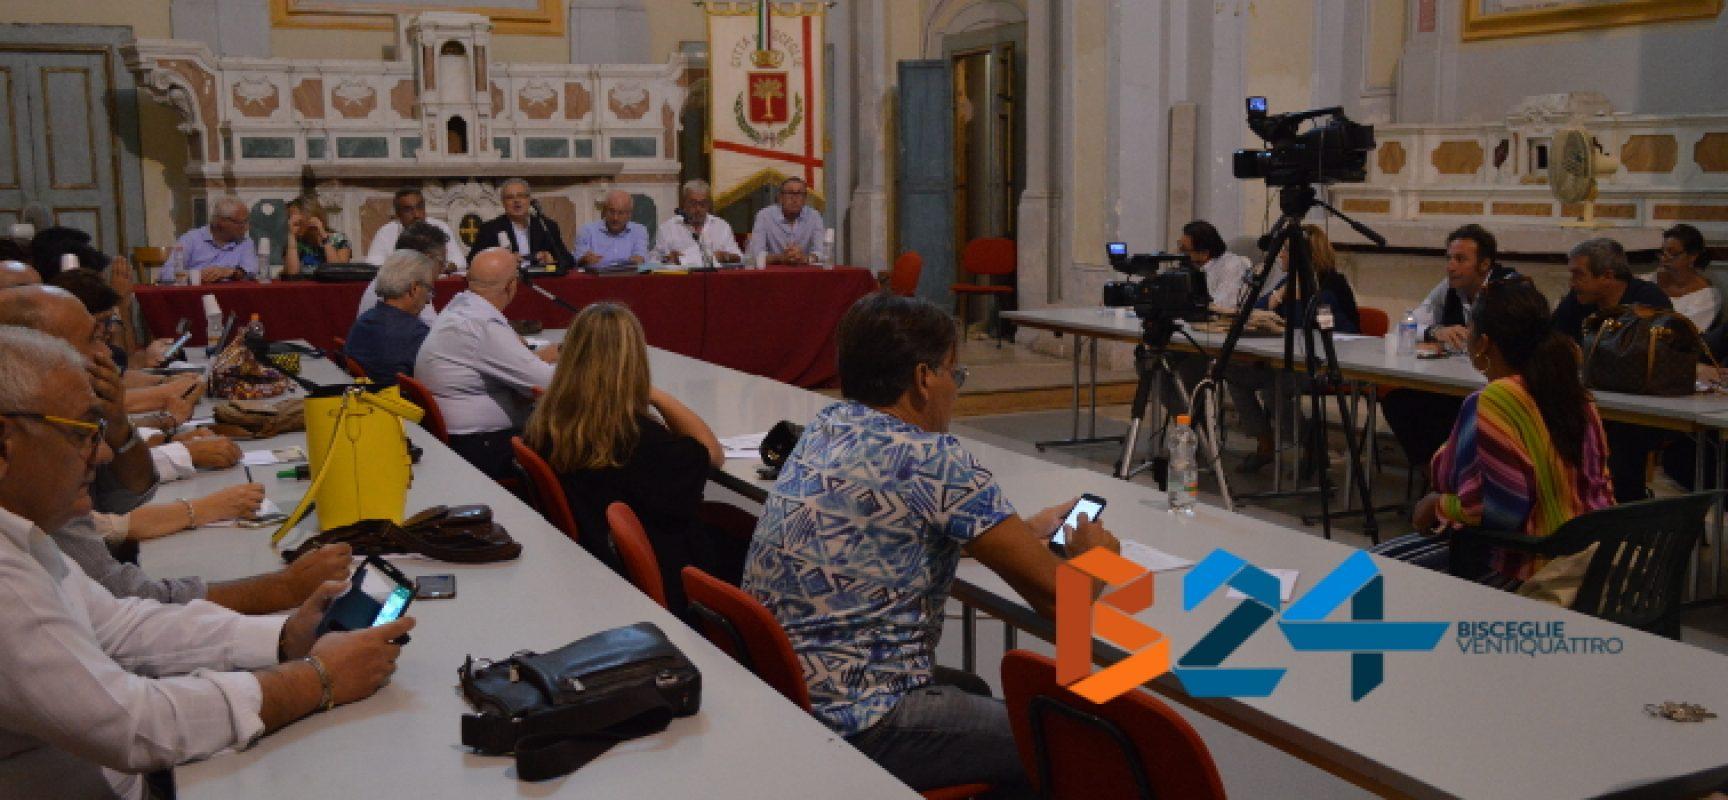 Consiglio comunale: Francesco Spina non è più sindaco, al suo posto Vittorio Fata